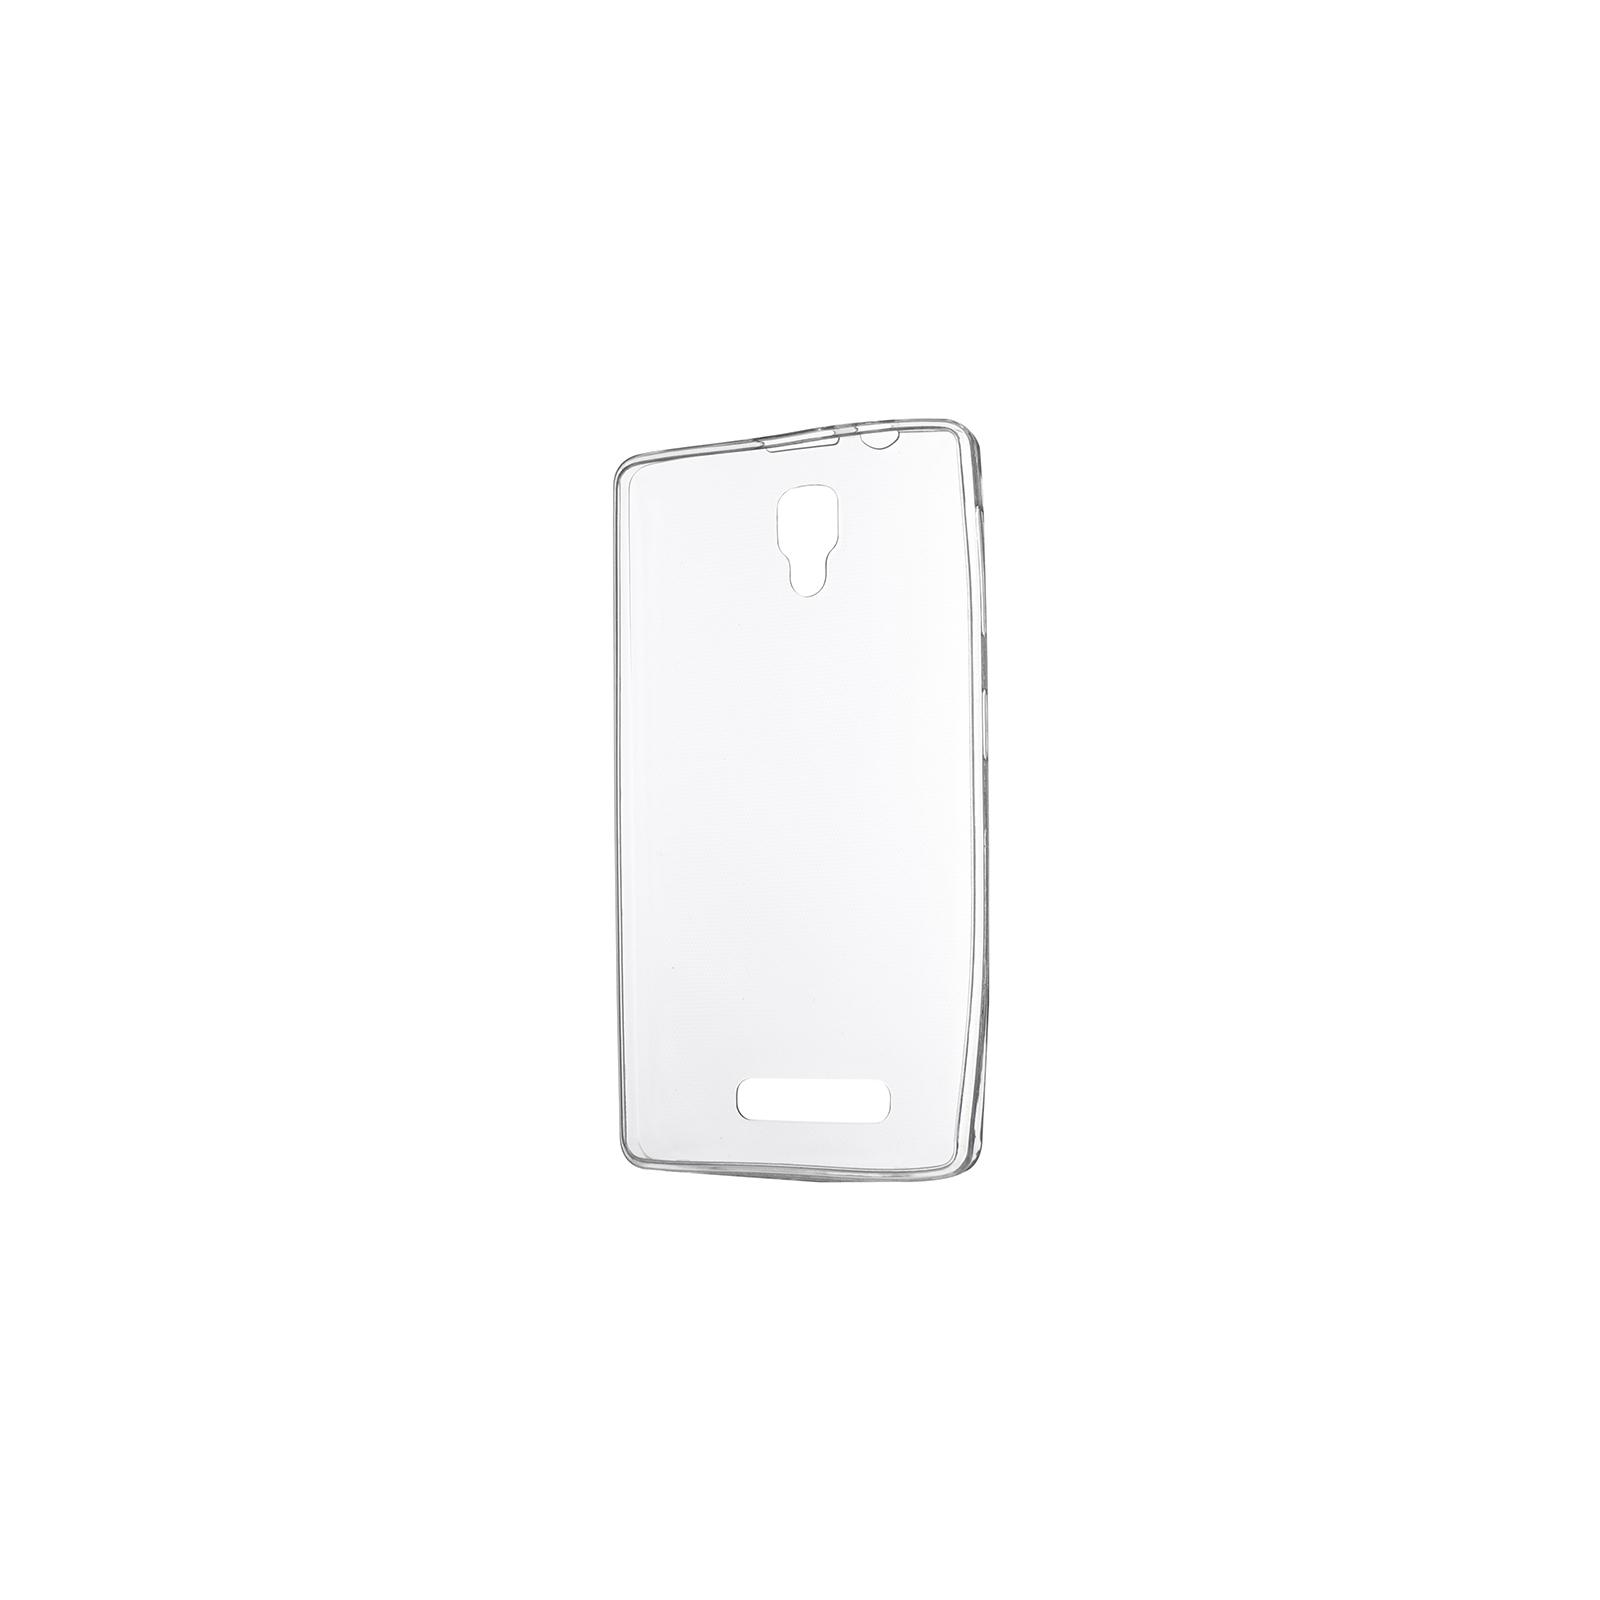 Чехол для моб. телефона Drobak для Lenovo A1000 (Clear) (219205) изображение 2